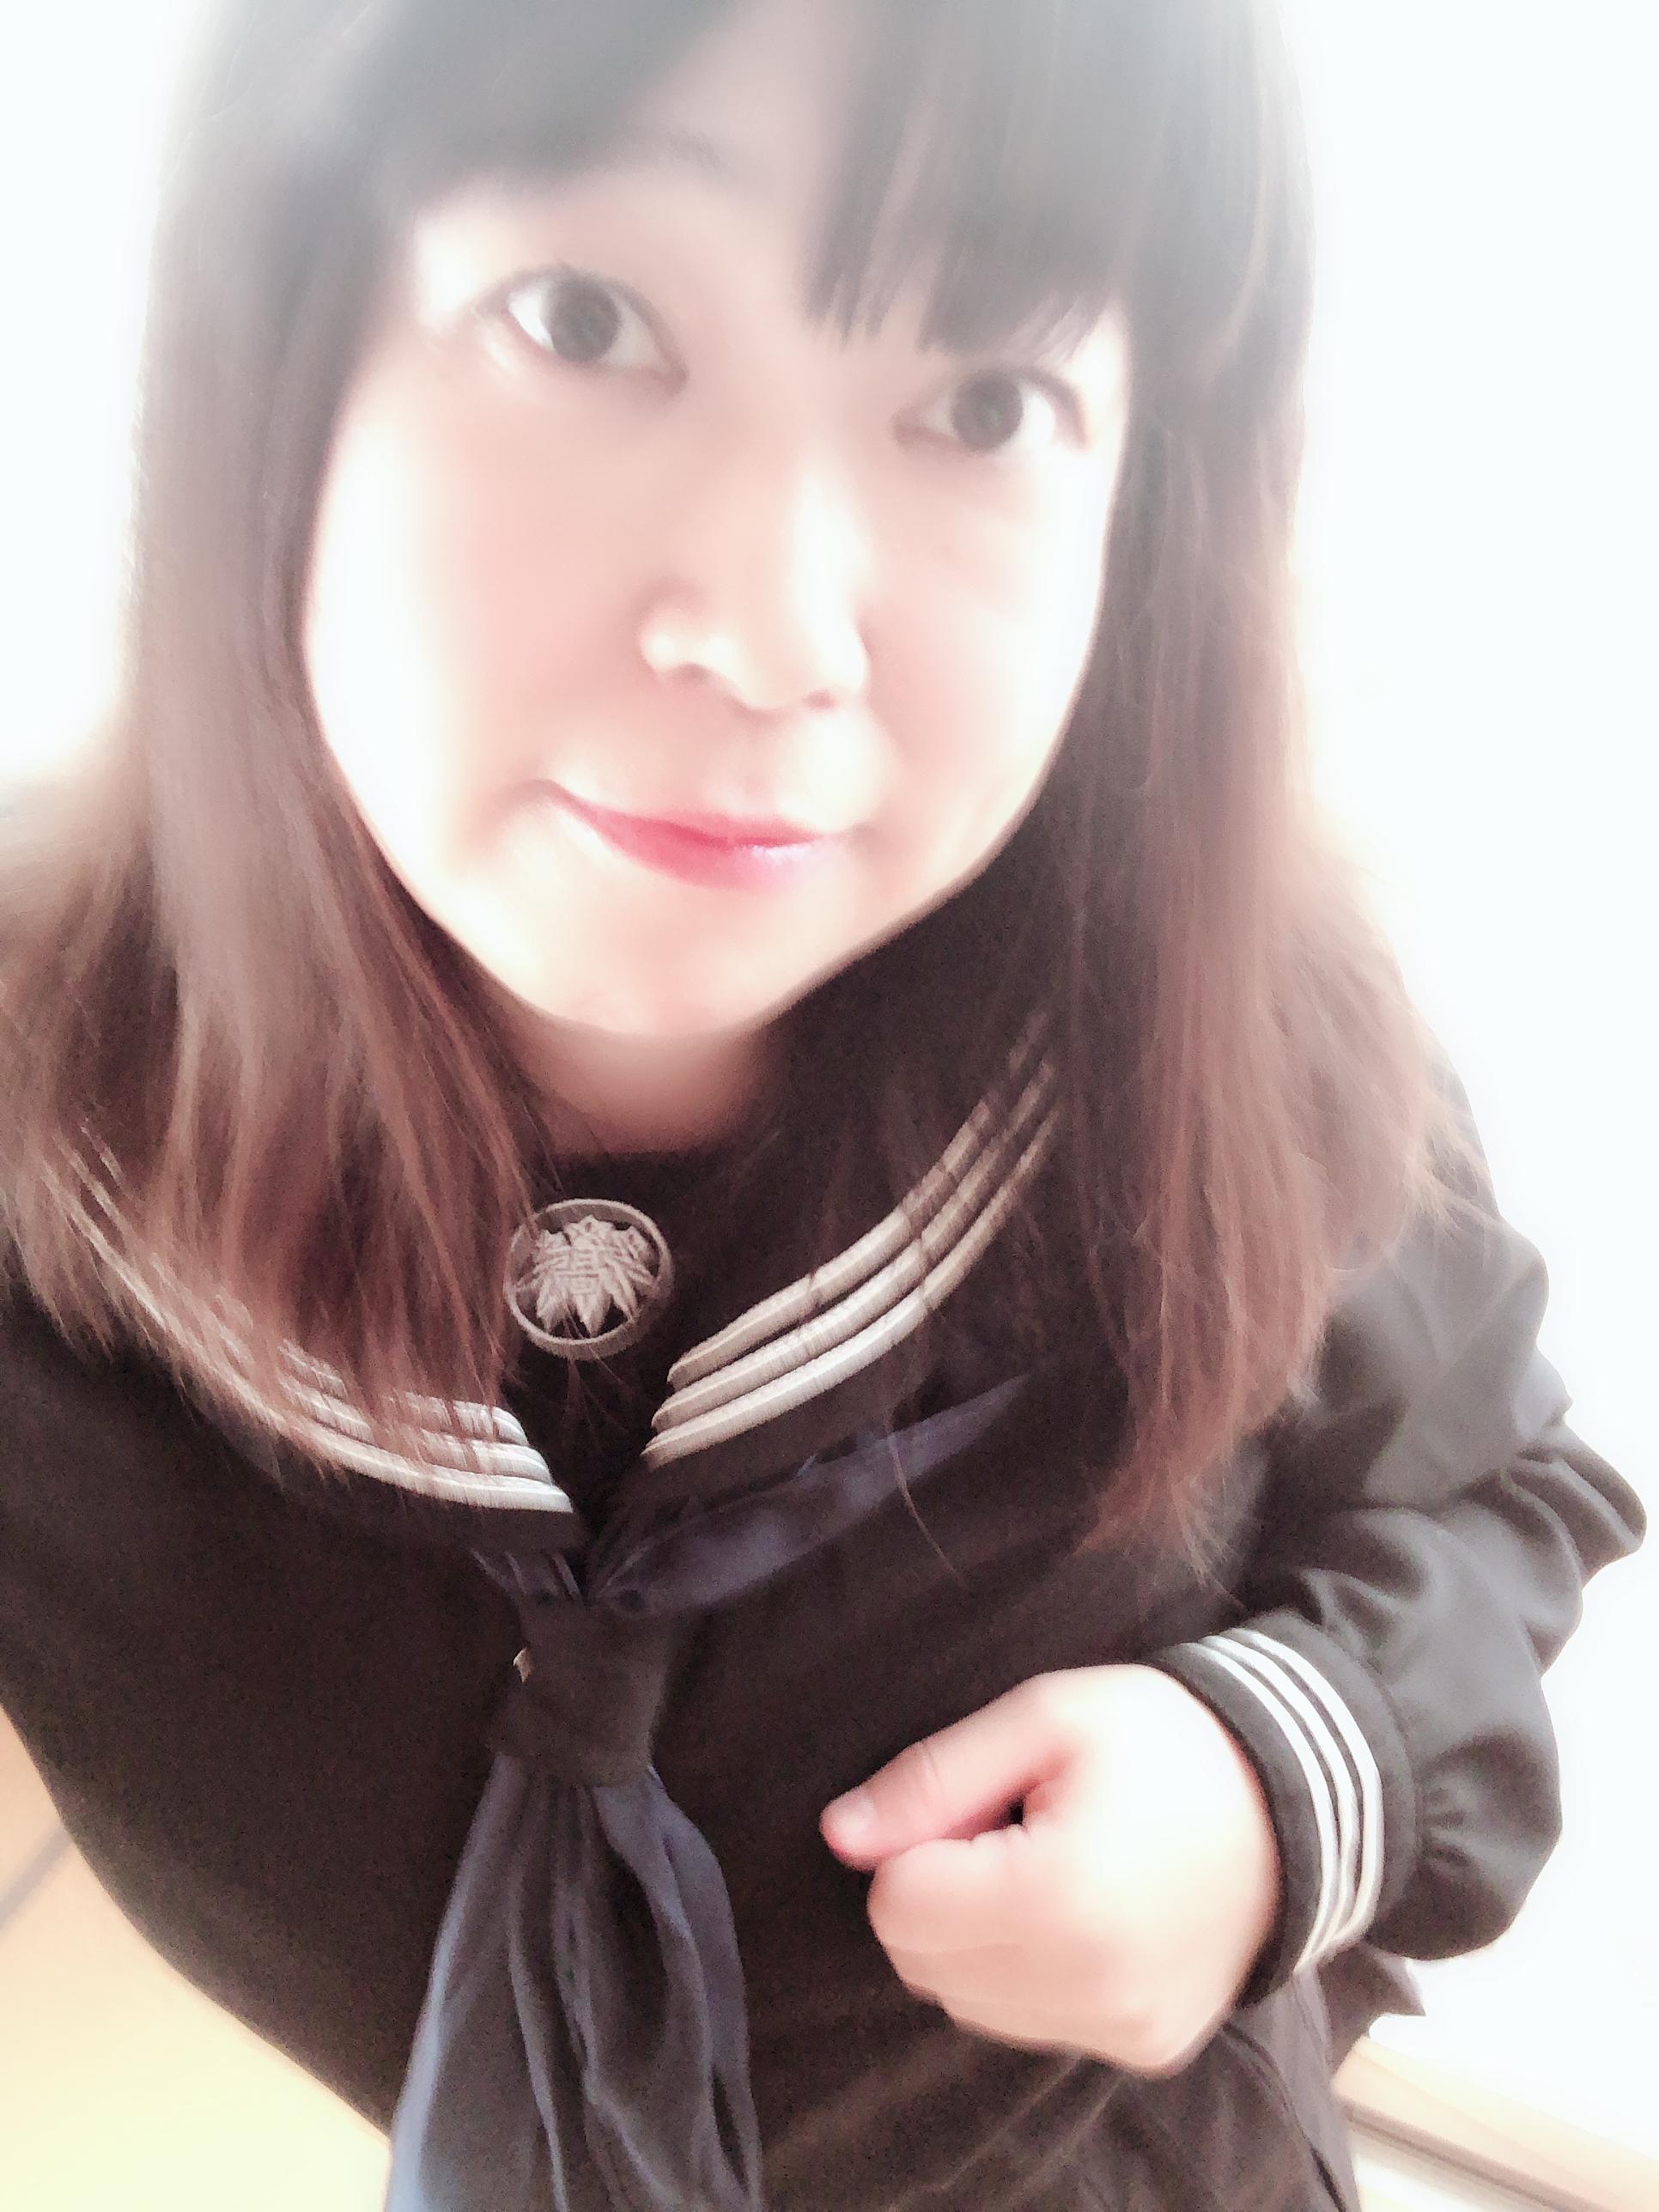 「おやすみ」12/05(12/05) 04:54 | 新島(にいじま)の写メ・風俗動画